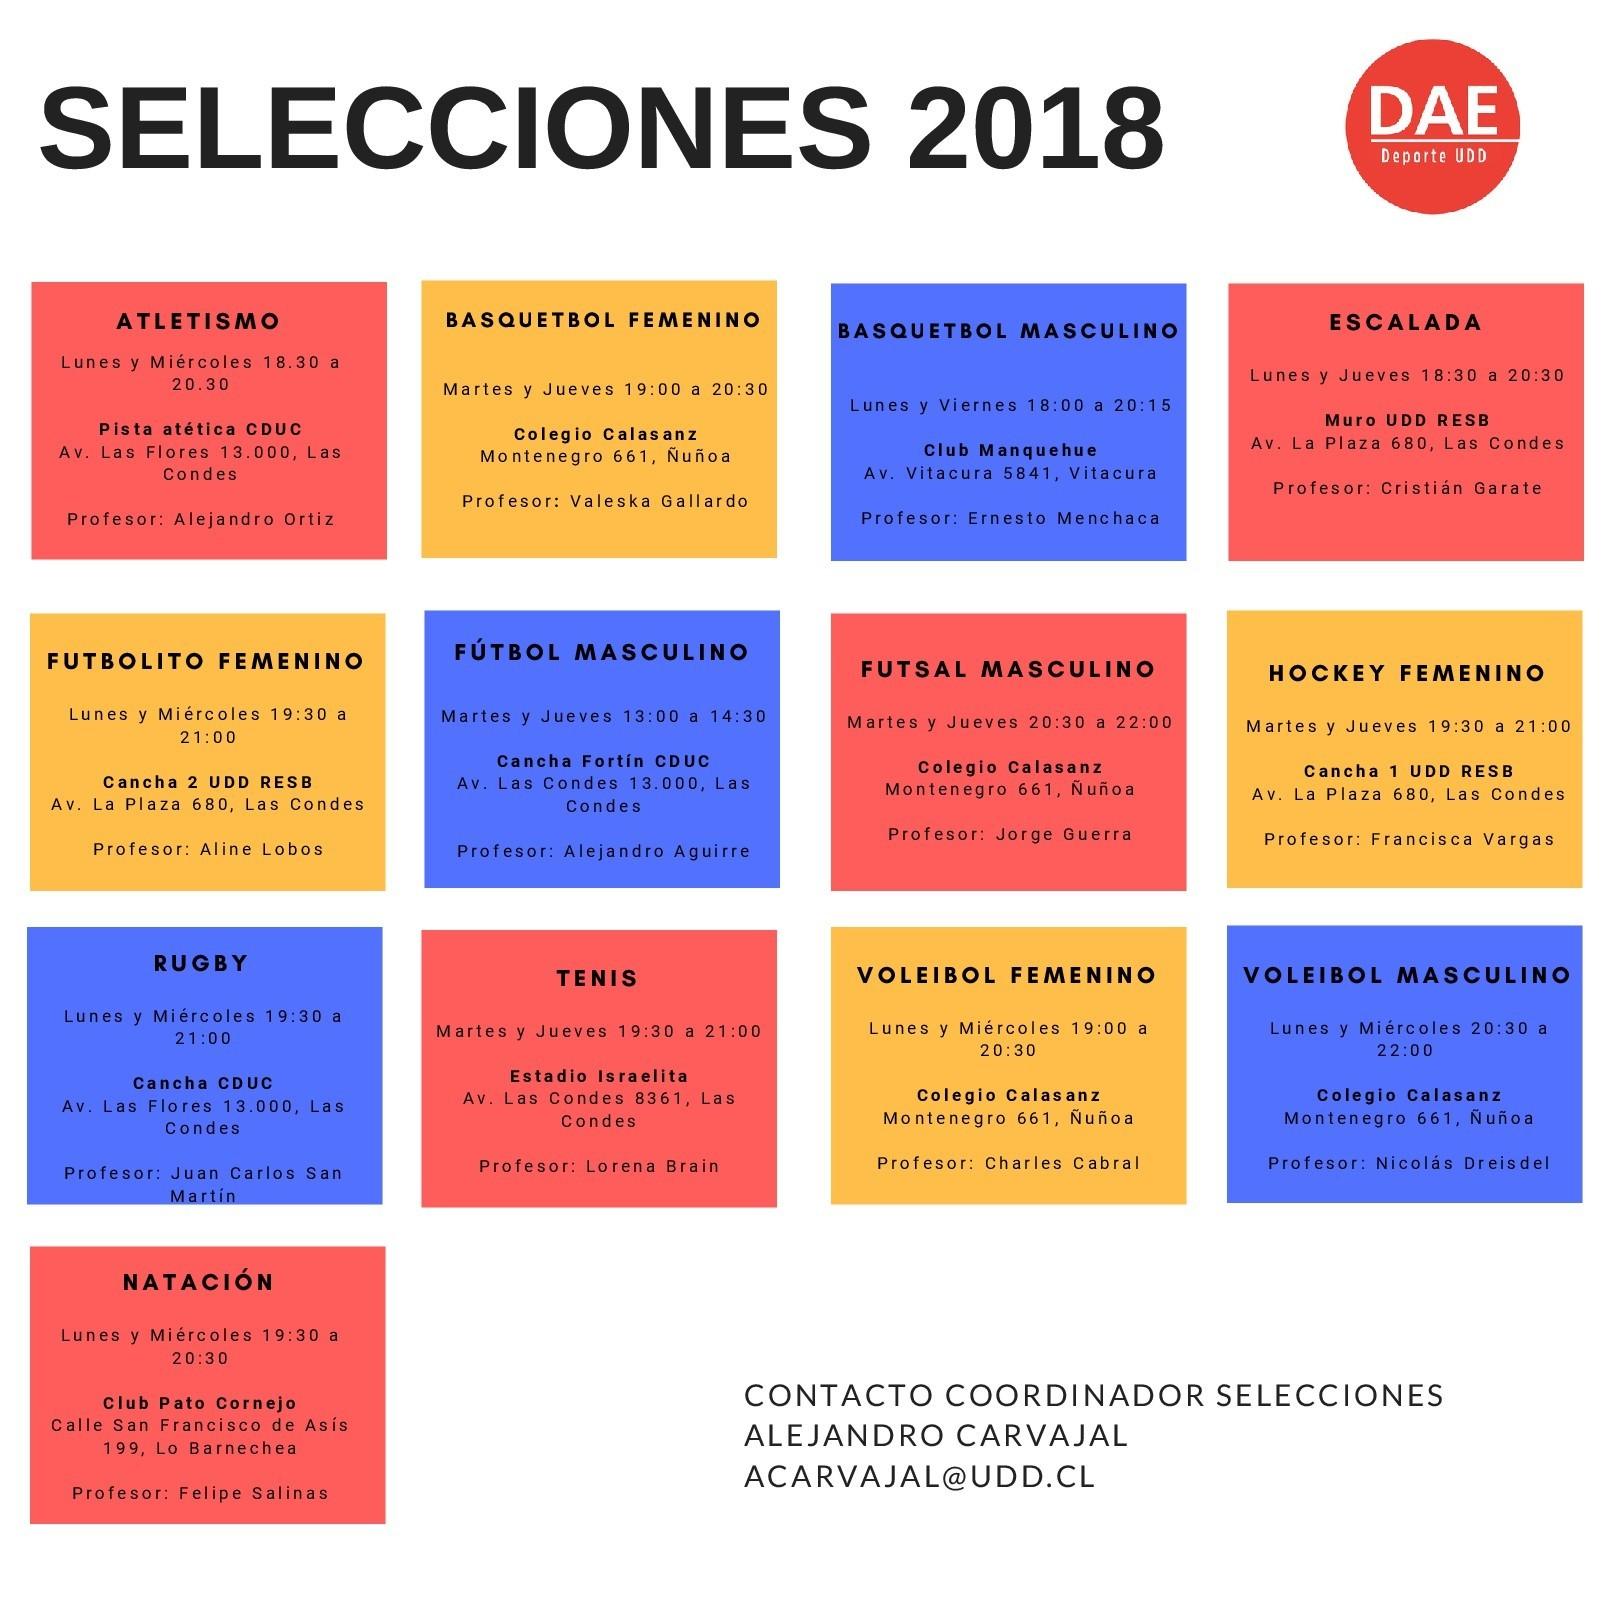 Calendario Laboral 2019 Madrid Imprimir Recientes Verificar Calendario Escolar 2019 Y 2019 Para Imprimir Of Calendario Laboral 2019 Madrid Imprimir Más Recientemente Liberado Imserso Instituto De Mayores Y Servicios sociales Octobre